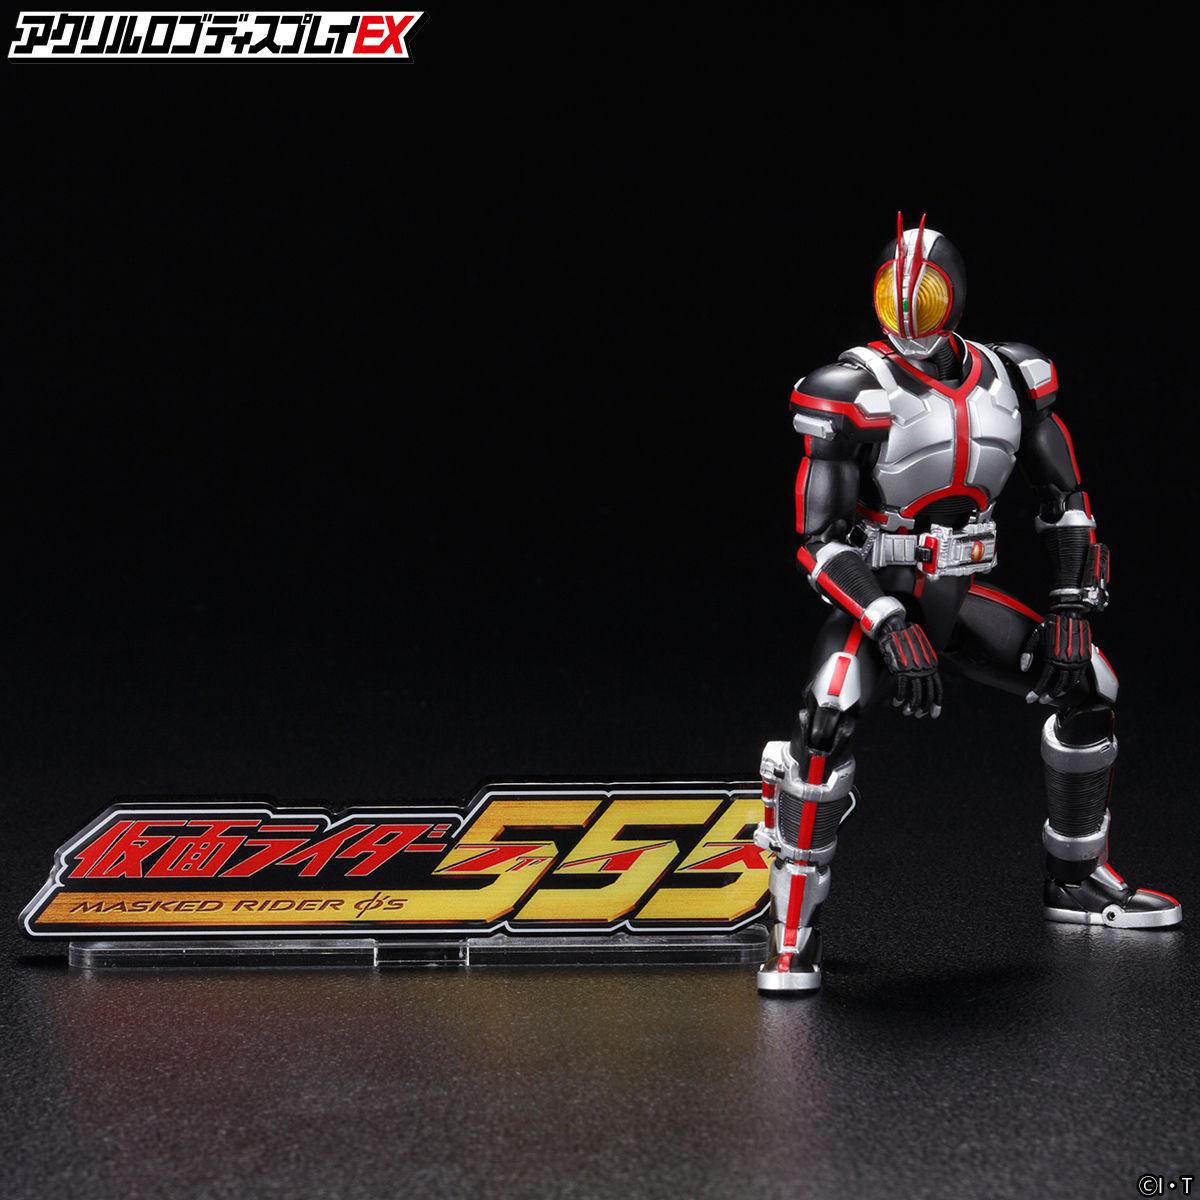 ACRYLIC LOGO DISPLAY EX 假面騎士555